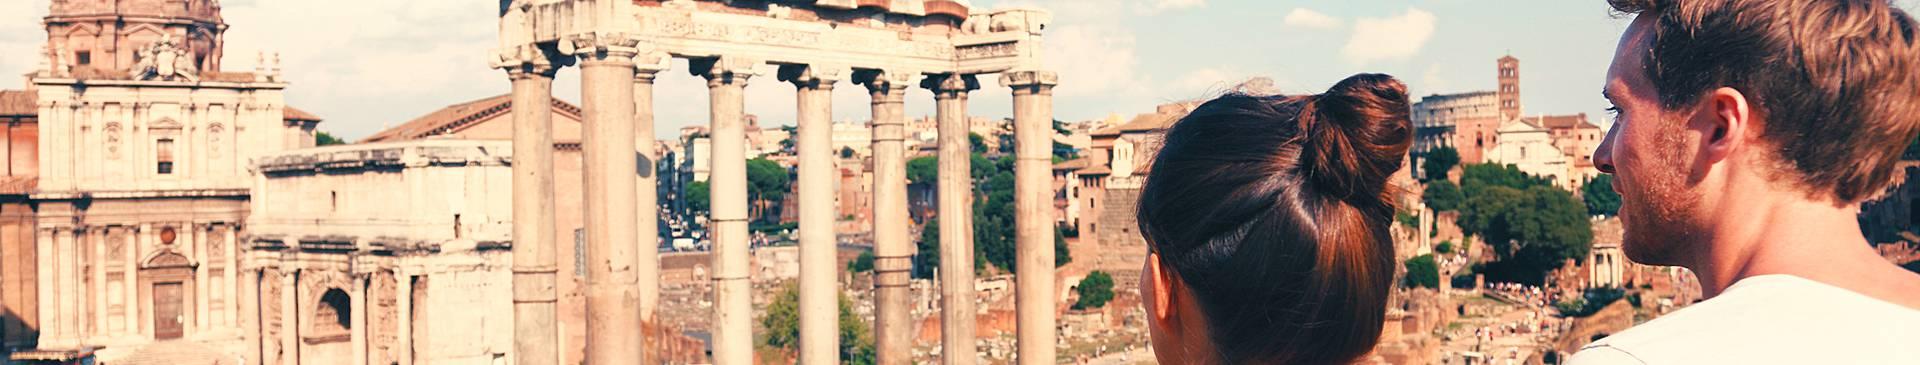 Italy Romantic Vacations